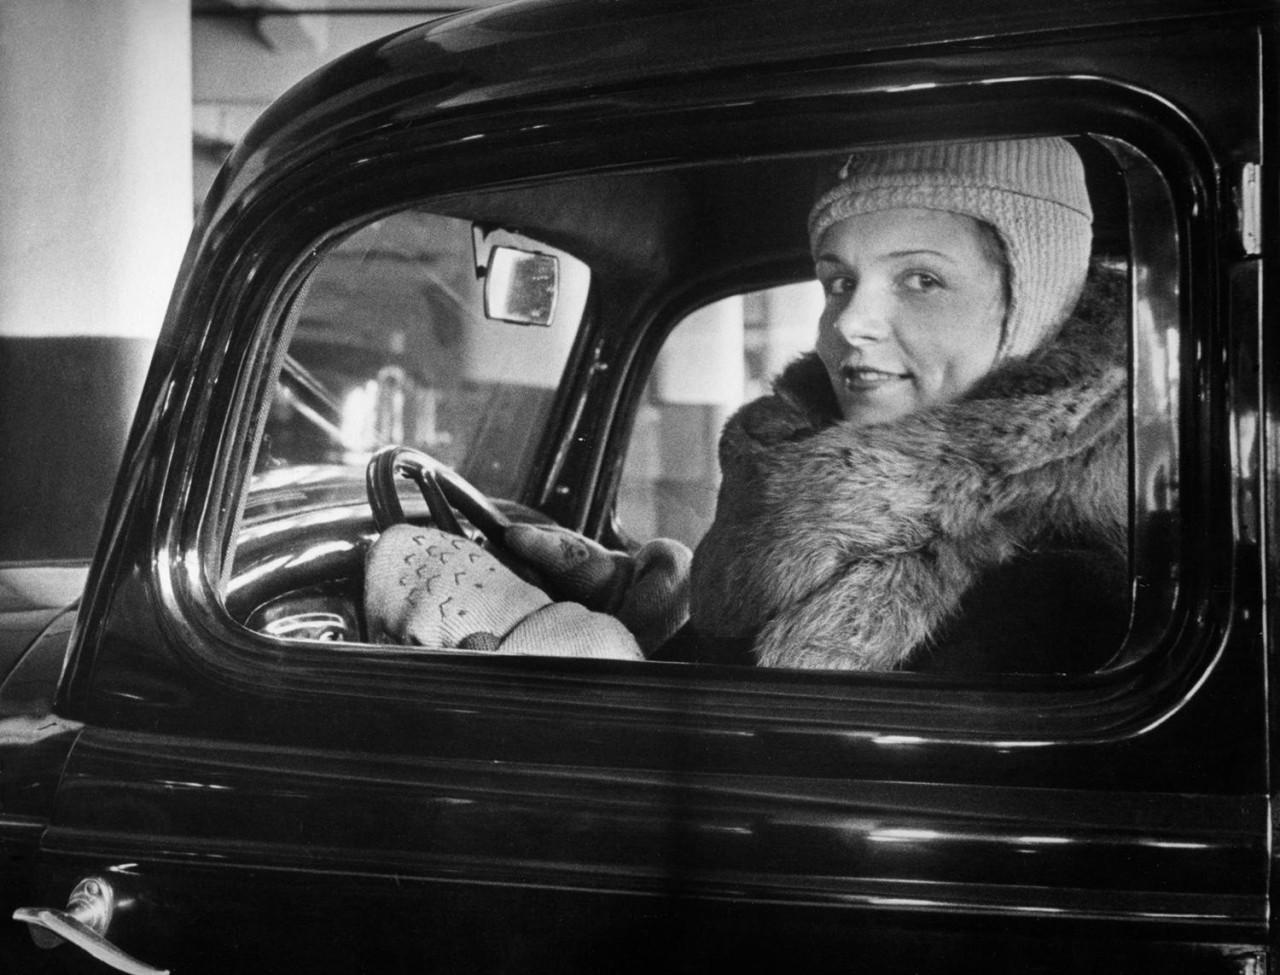 Женщины в СССР: лица, на которые приятно посмотреть!